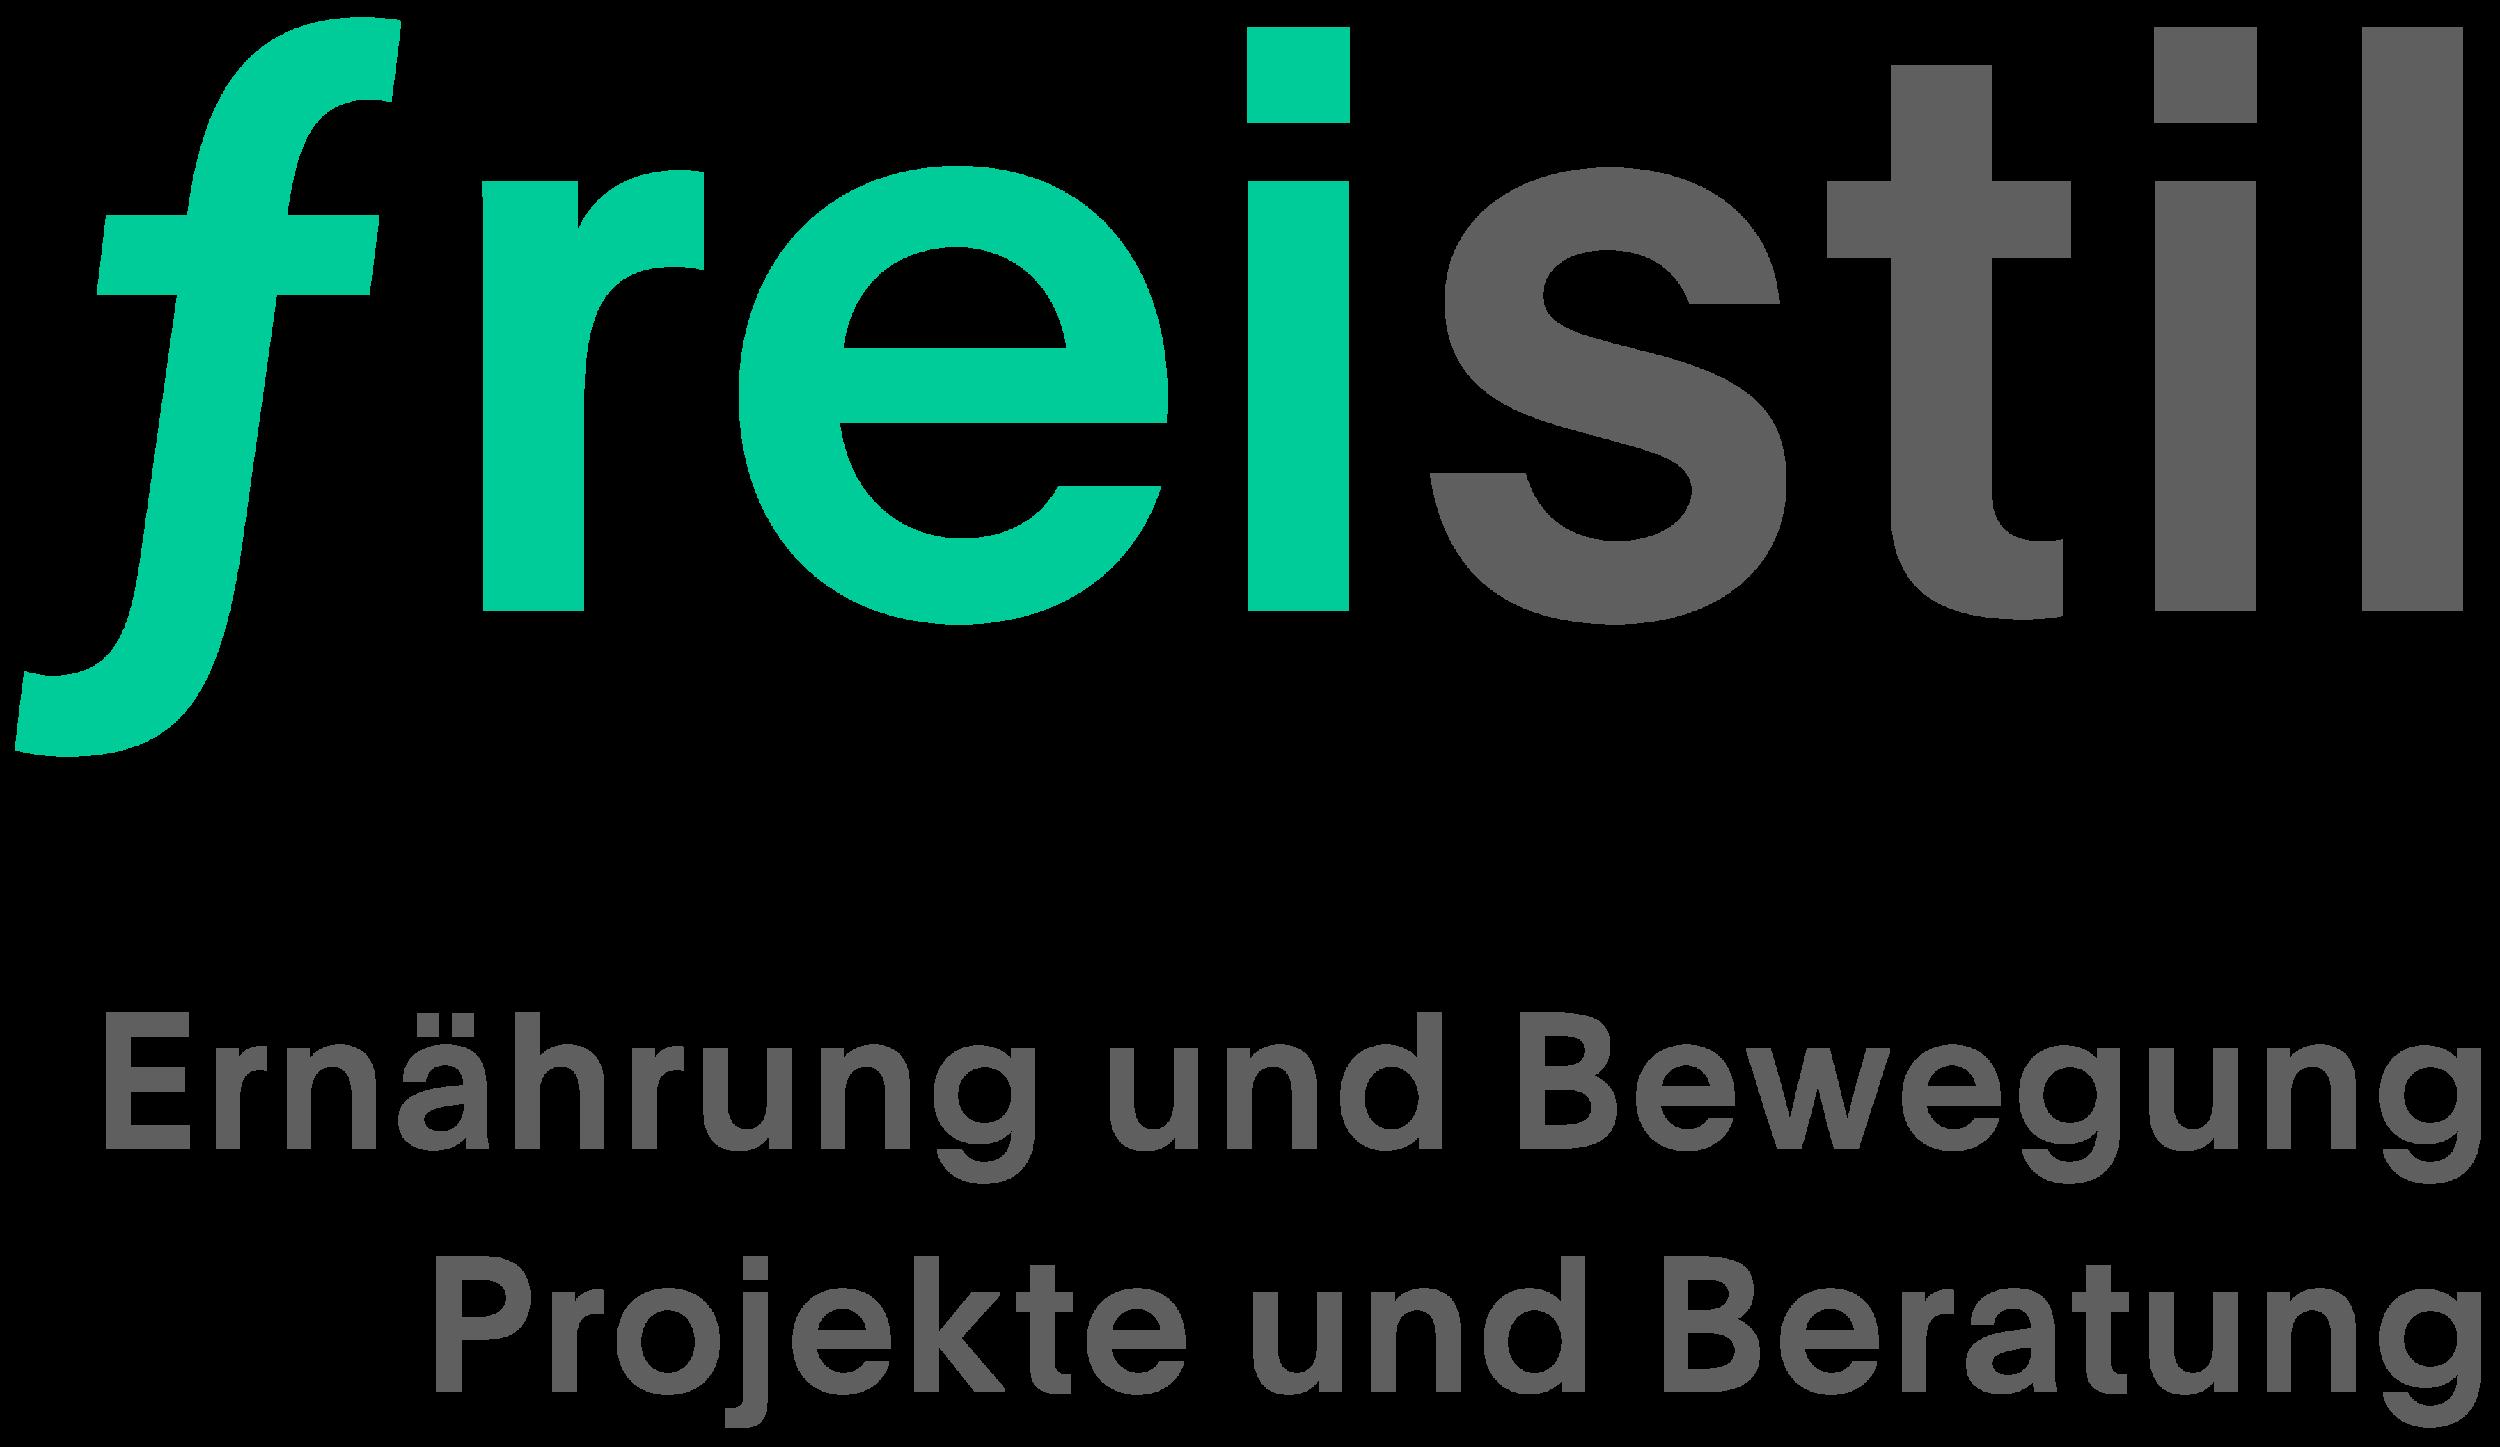 fs_Logo_subline_DT.png